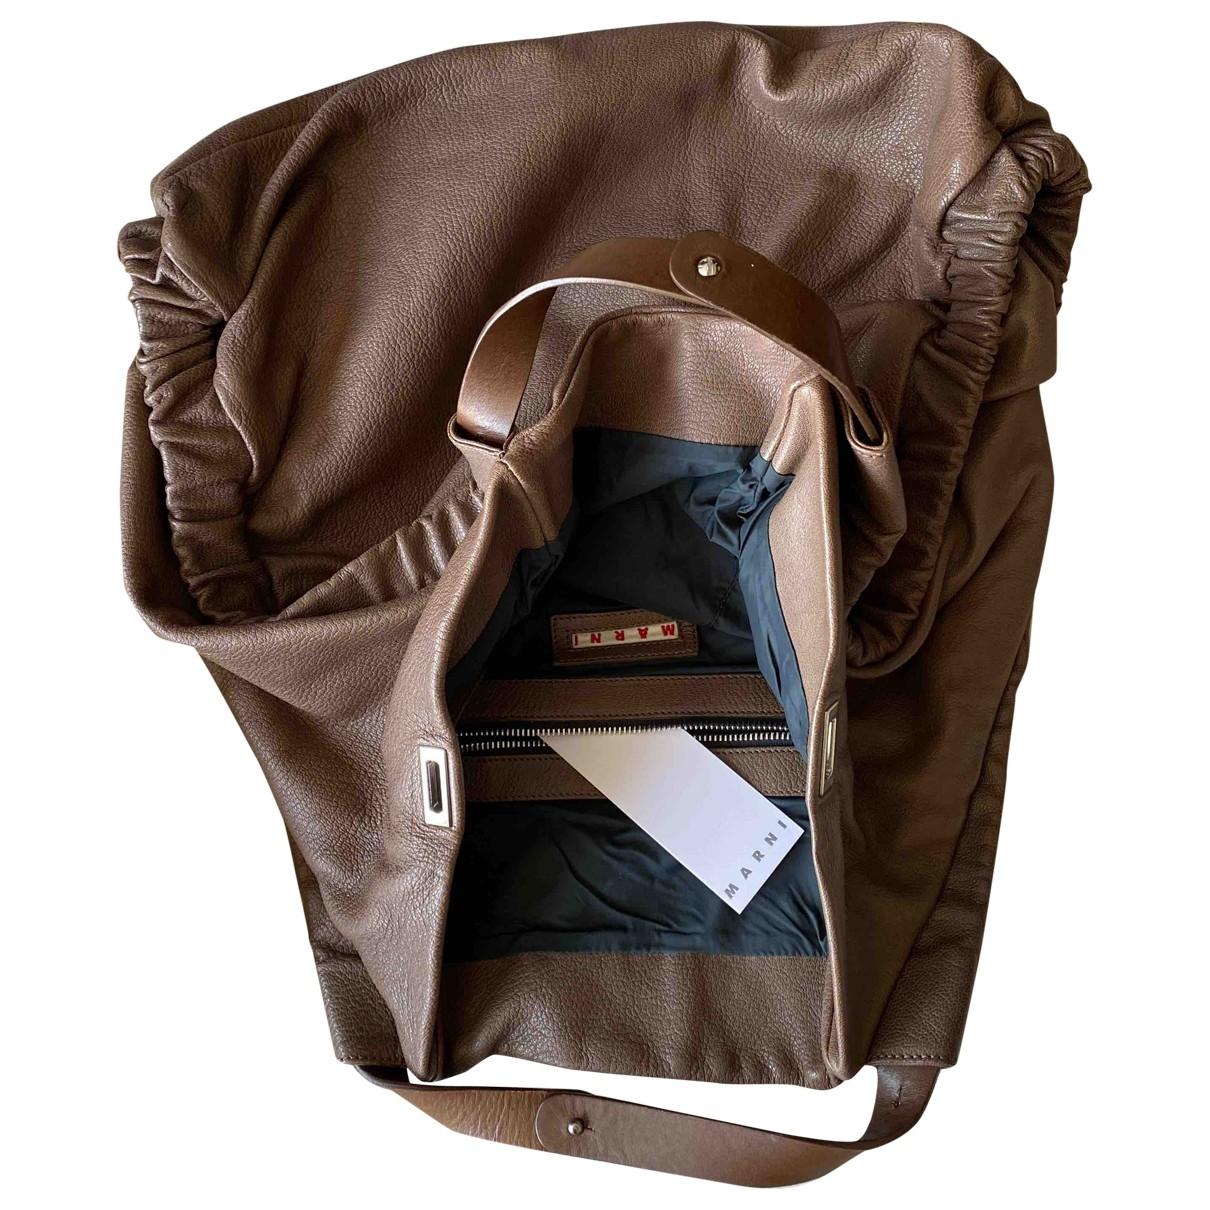 Marni \N Handtasche in  Kamel Leder